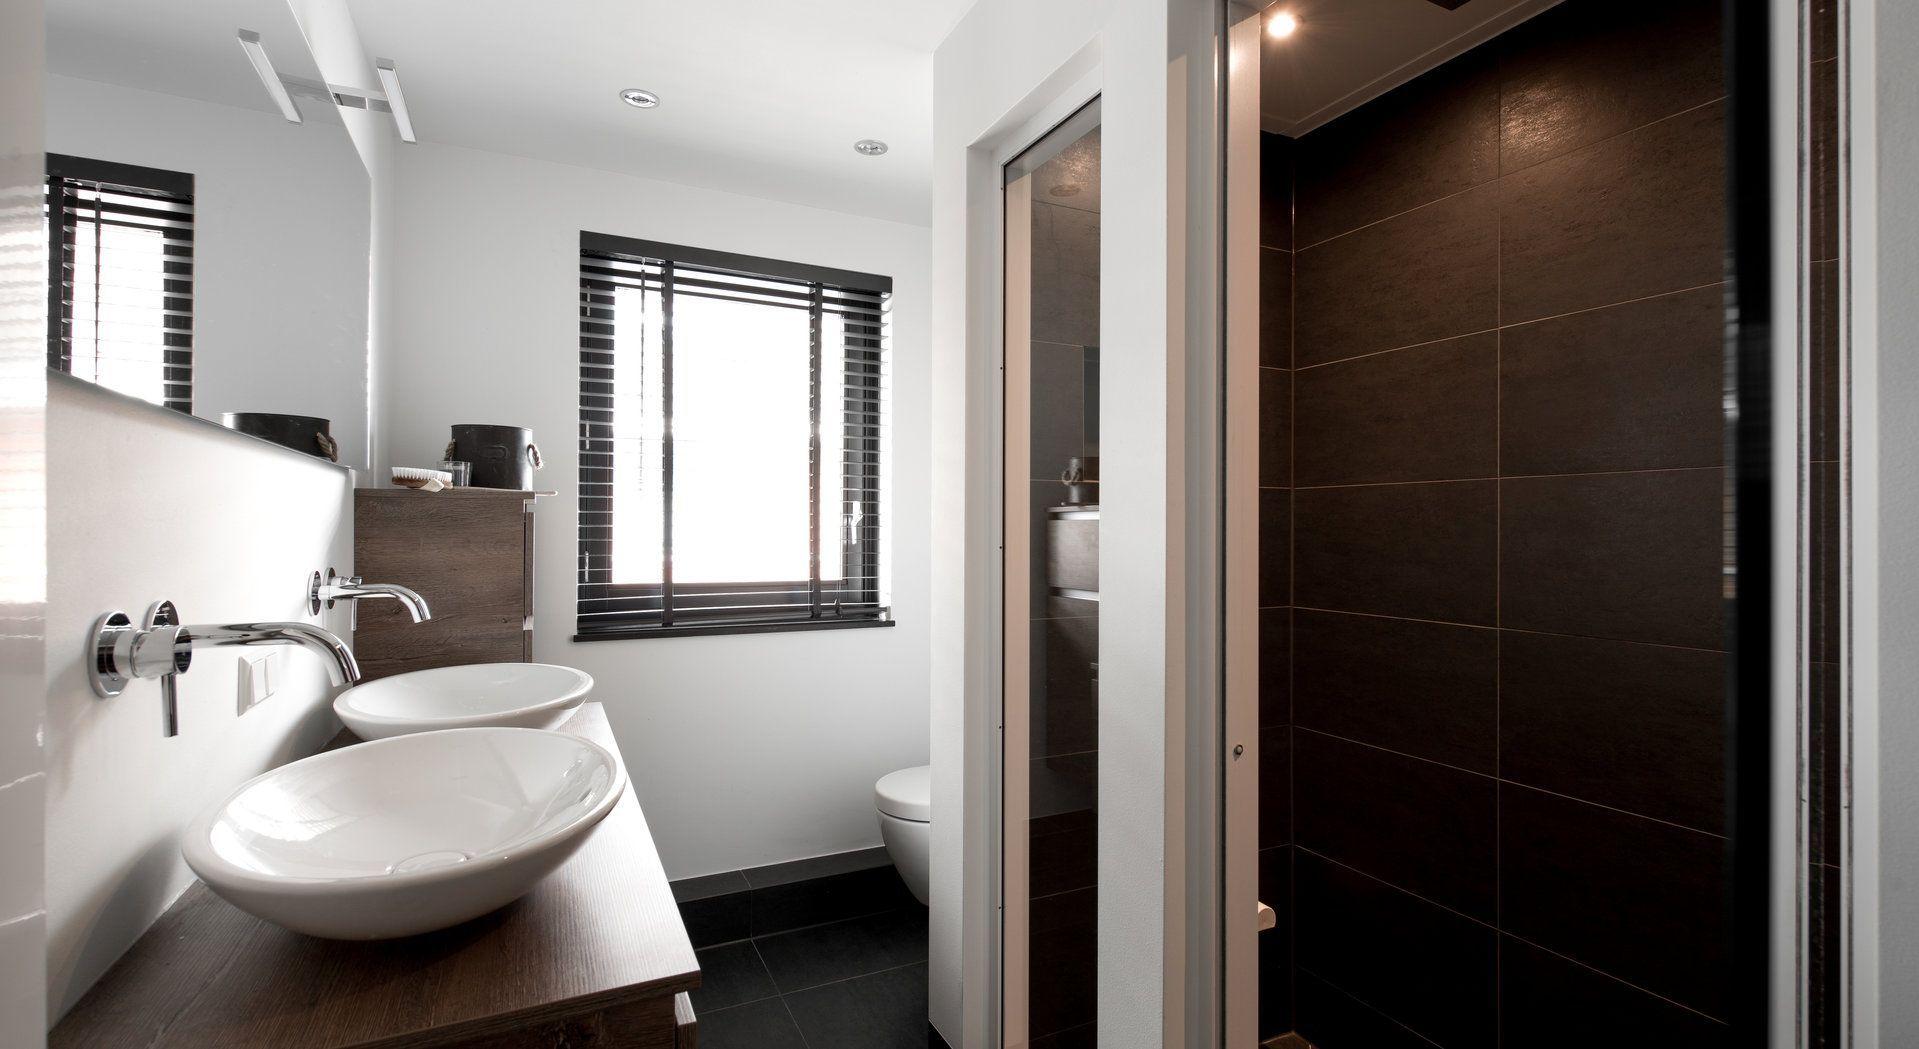 Luxe wellness badkamer van Middelkoop Culemborg. In deze ruimte zijn ...